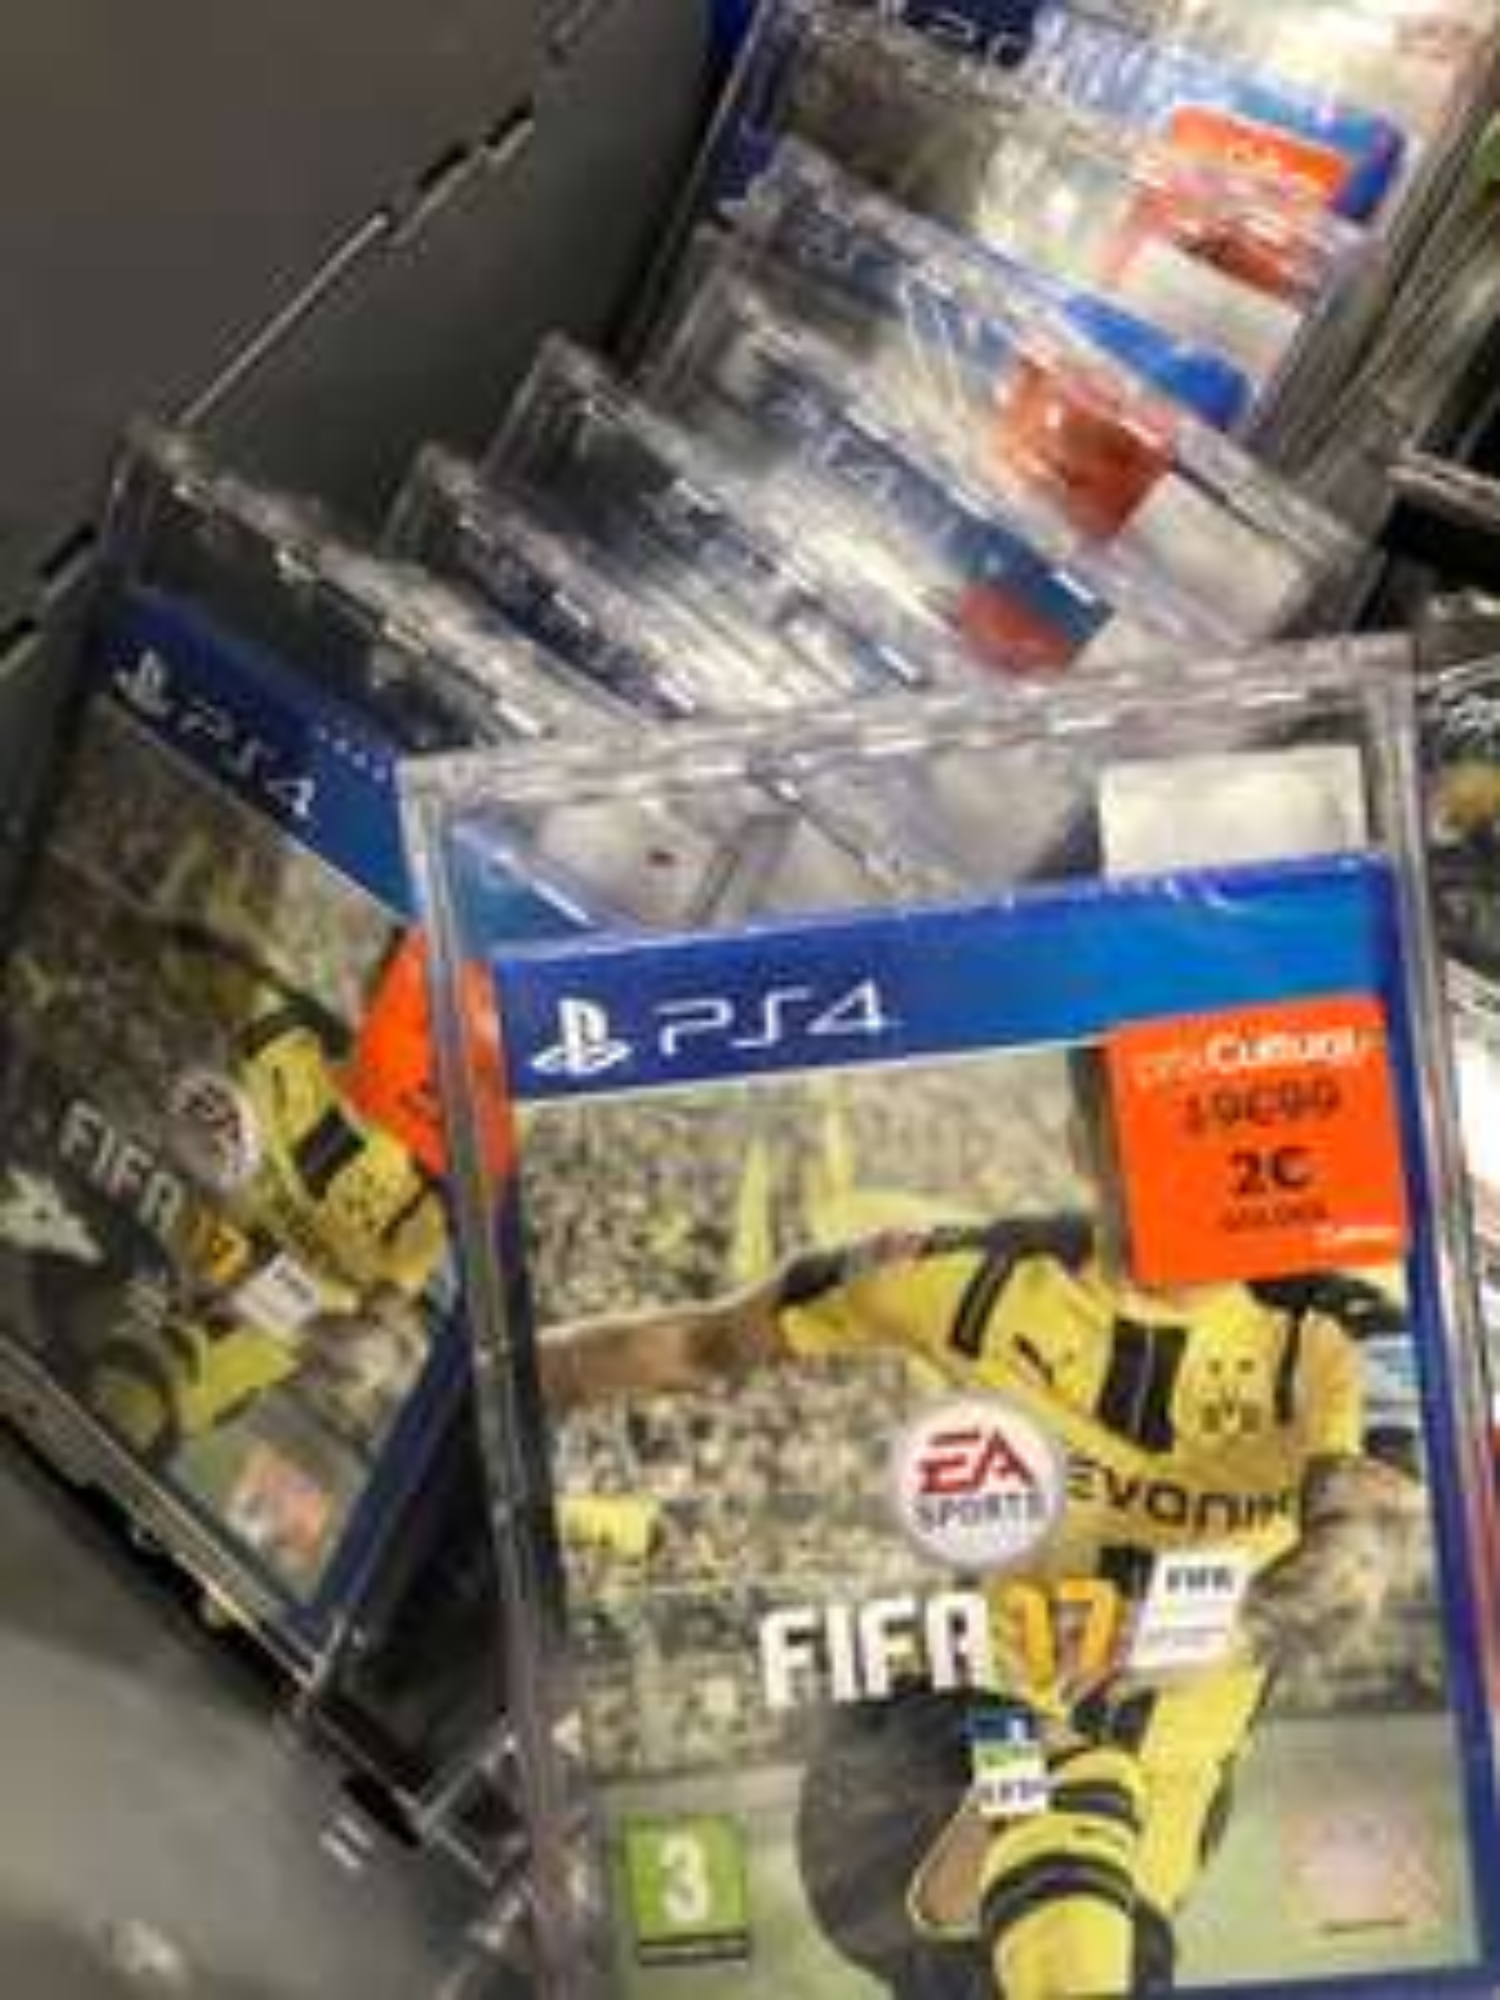 Jeu Fifa 17 sur PS4 - Cultura Vill'Up Paris (75)